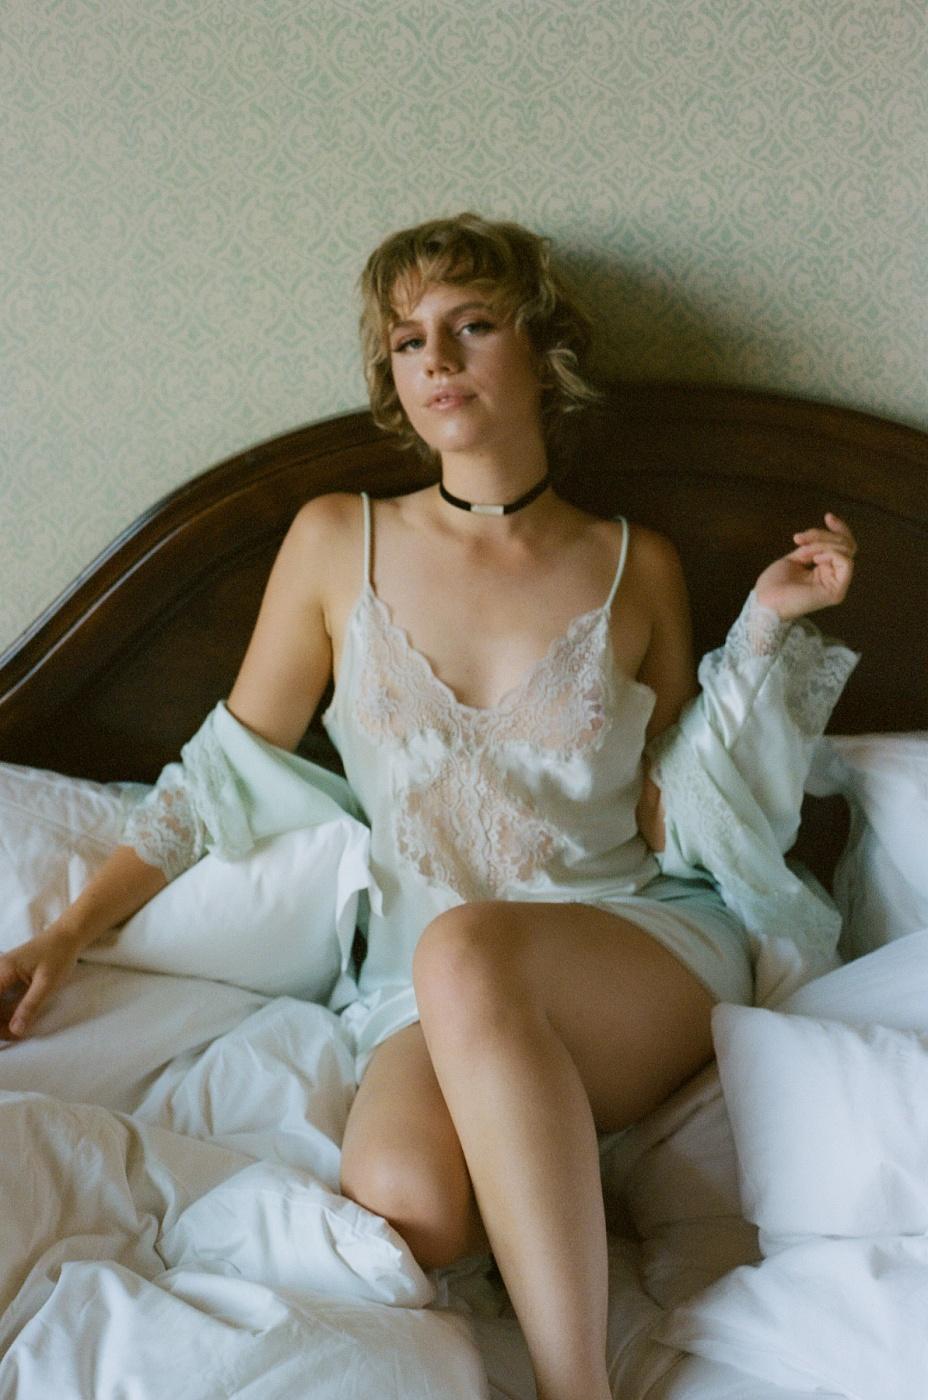 Astrid LeBelle